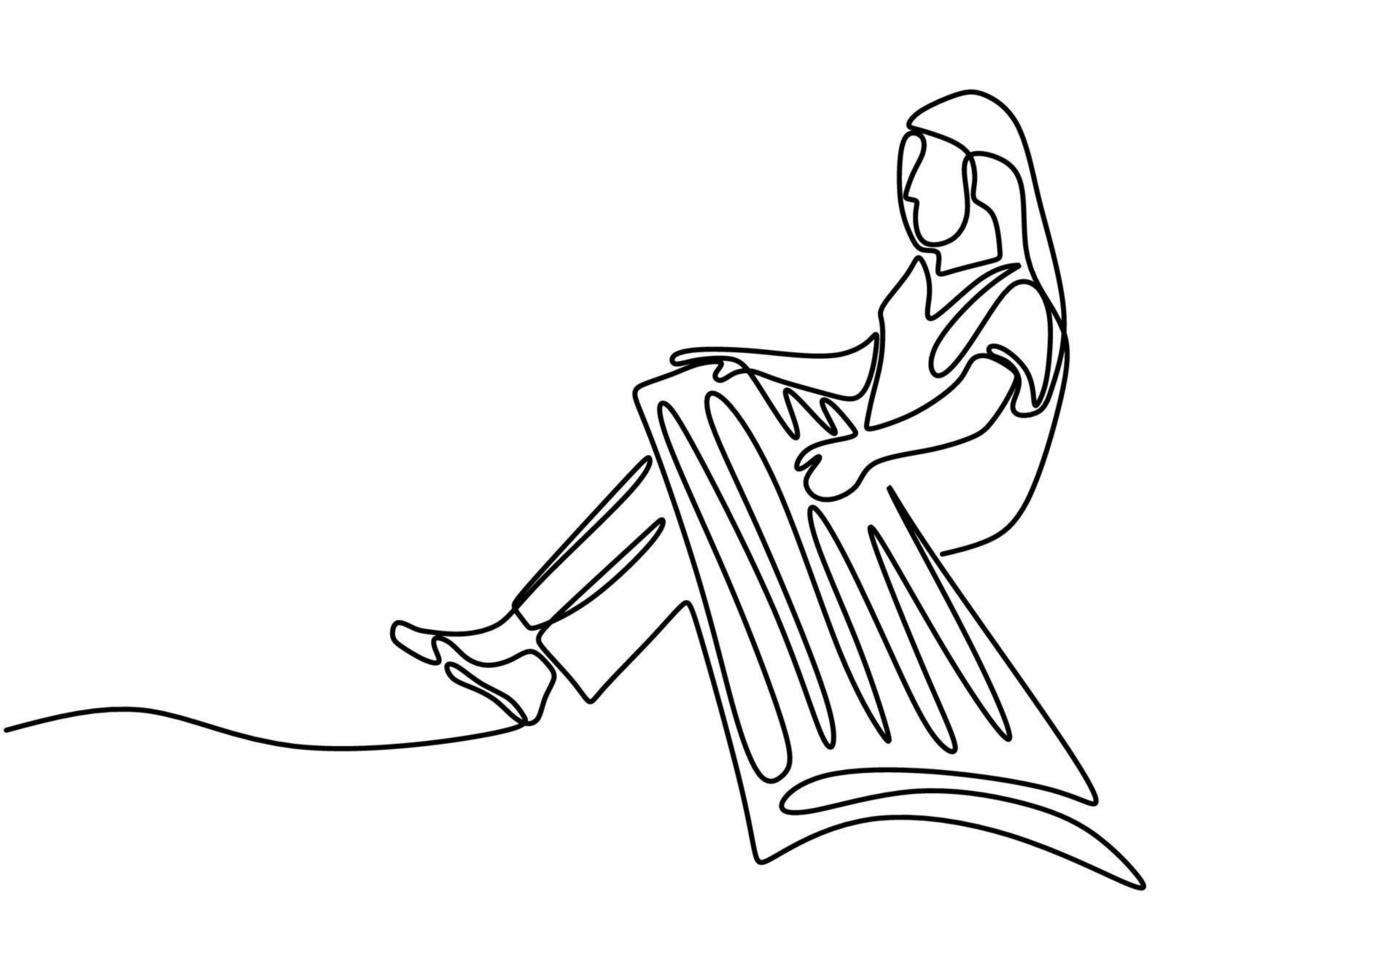 um desenho de linha contínua de mulher com koto, música tradicional japonesa. uma jovem está treinando para tocar música tradicional para preservar a cultura tradicional. vetor